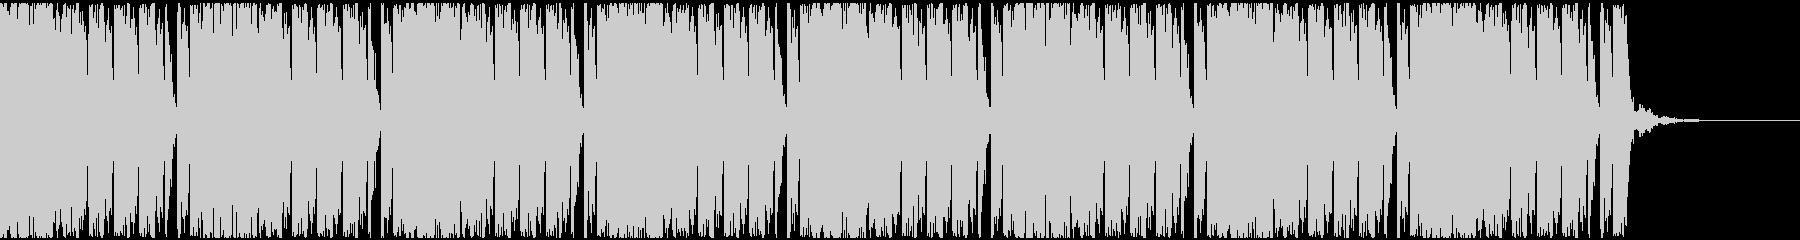 【EDM】ロング8、ミディアム2の未再生の波形